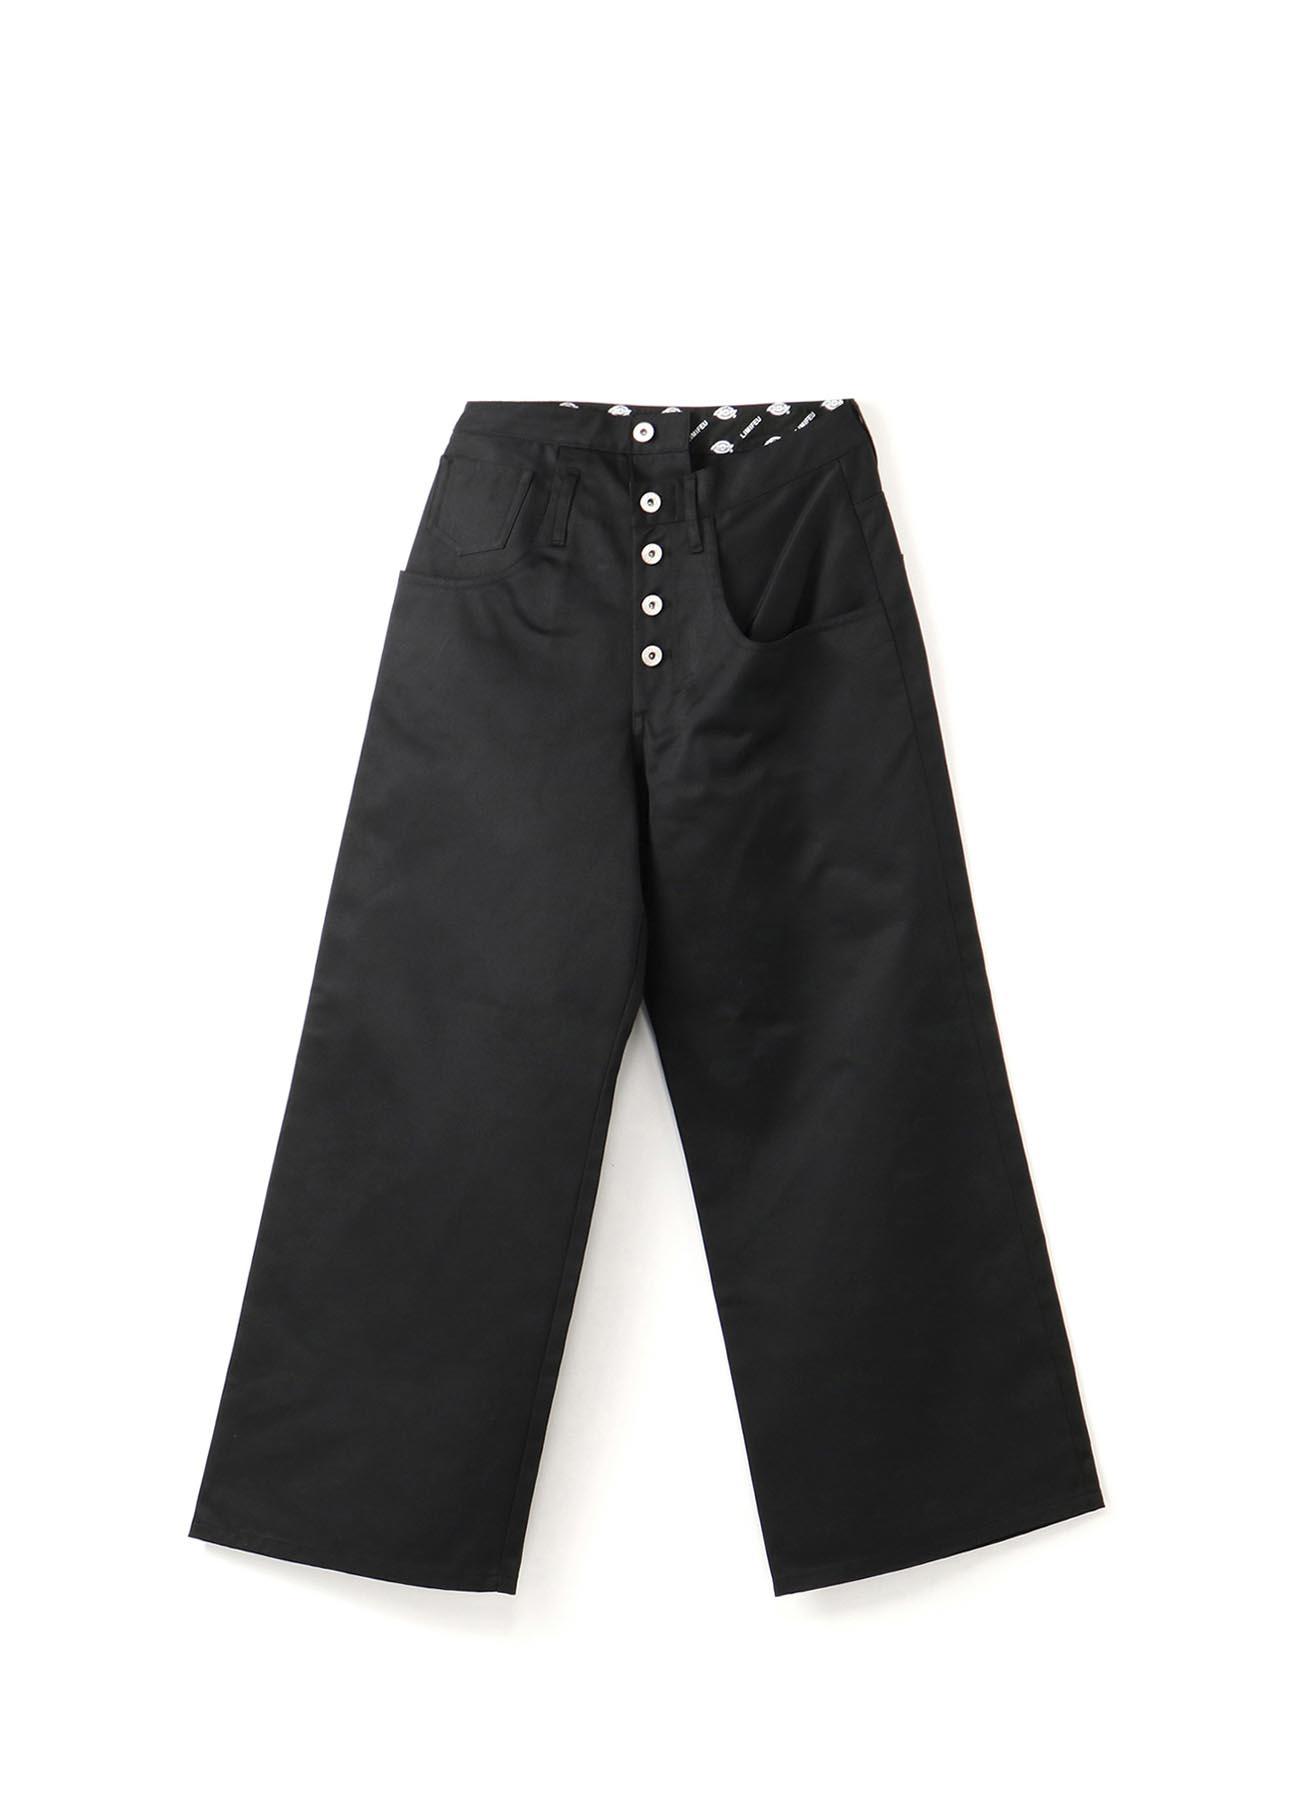 LIMI feu×Dickies T/C twill Twist Pants